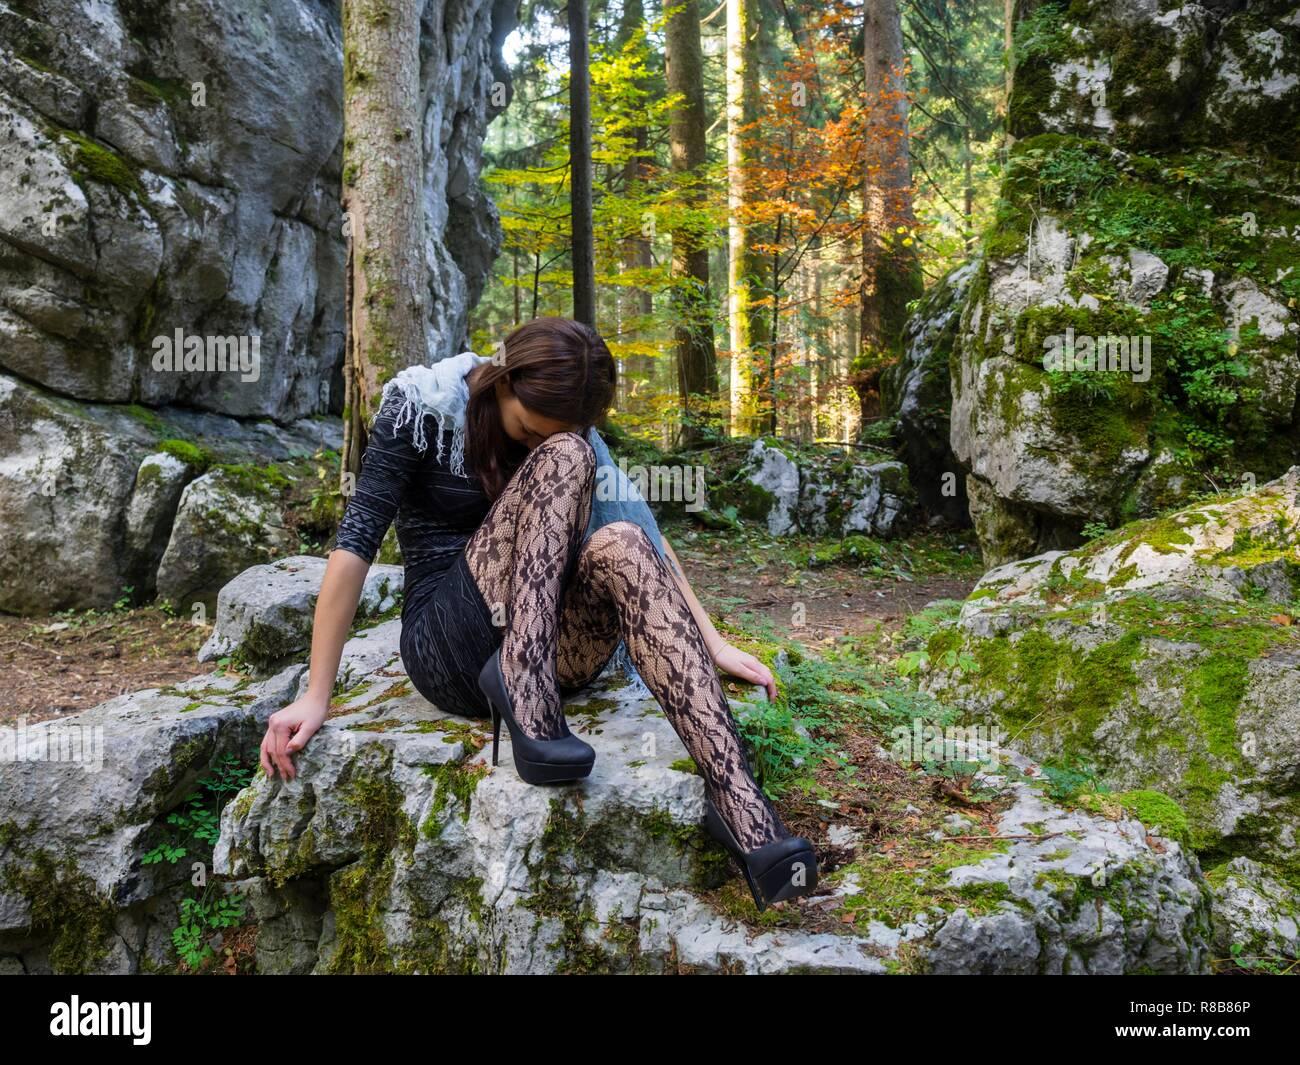 Bella giovane femmina in natura è seduta in cima big rock in cattivo umore sensazione negativa in questione guardando verso il basso per nascondere la faccia sentire miserabile Immagini Stock